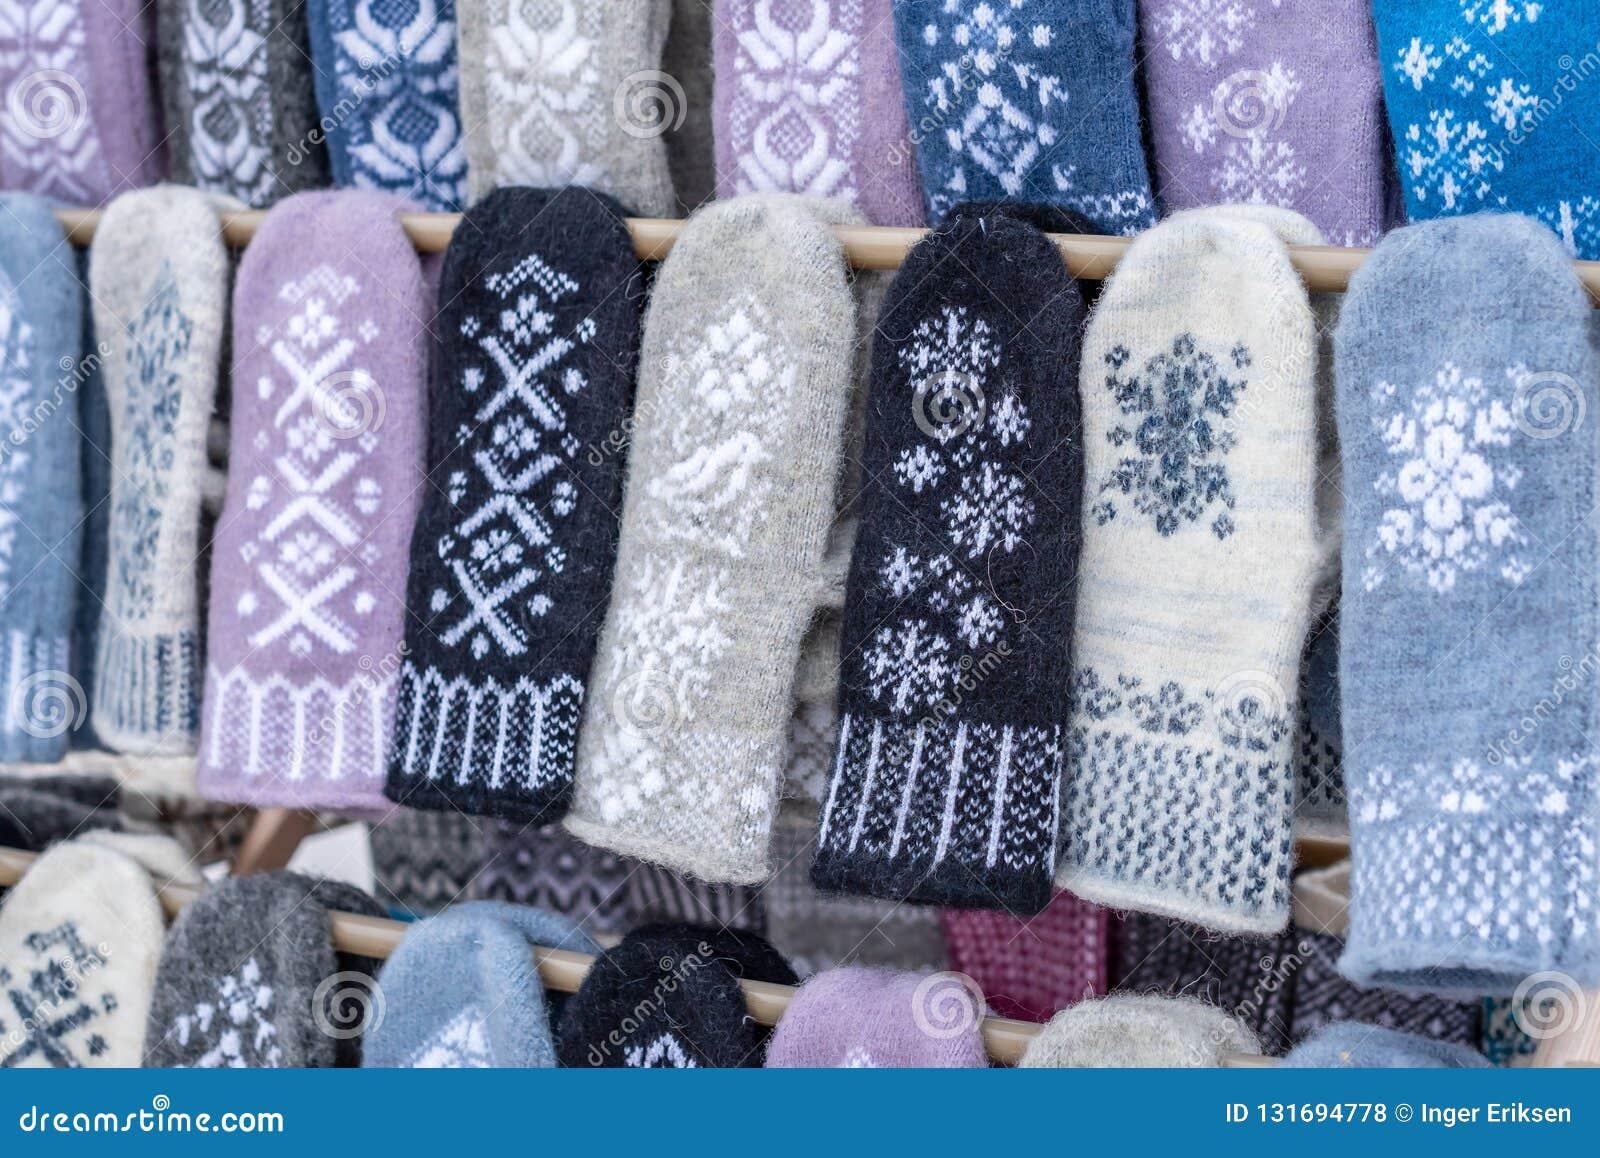 Mitenes caseiros com teste padrão de cristal da neve